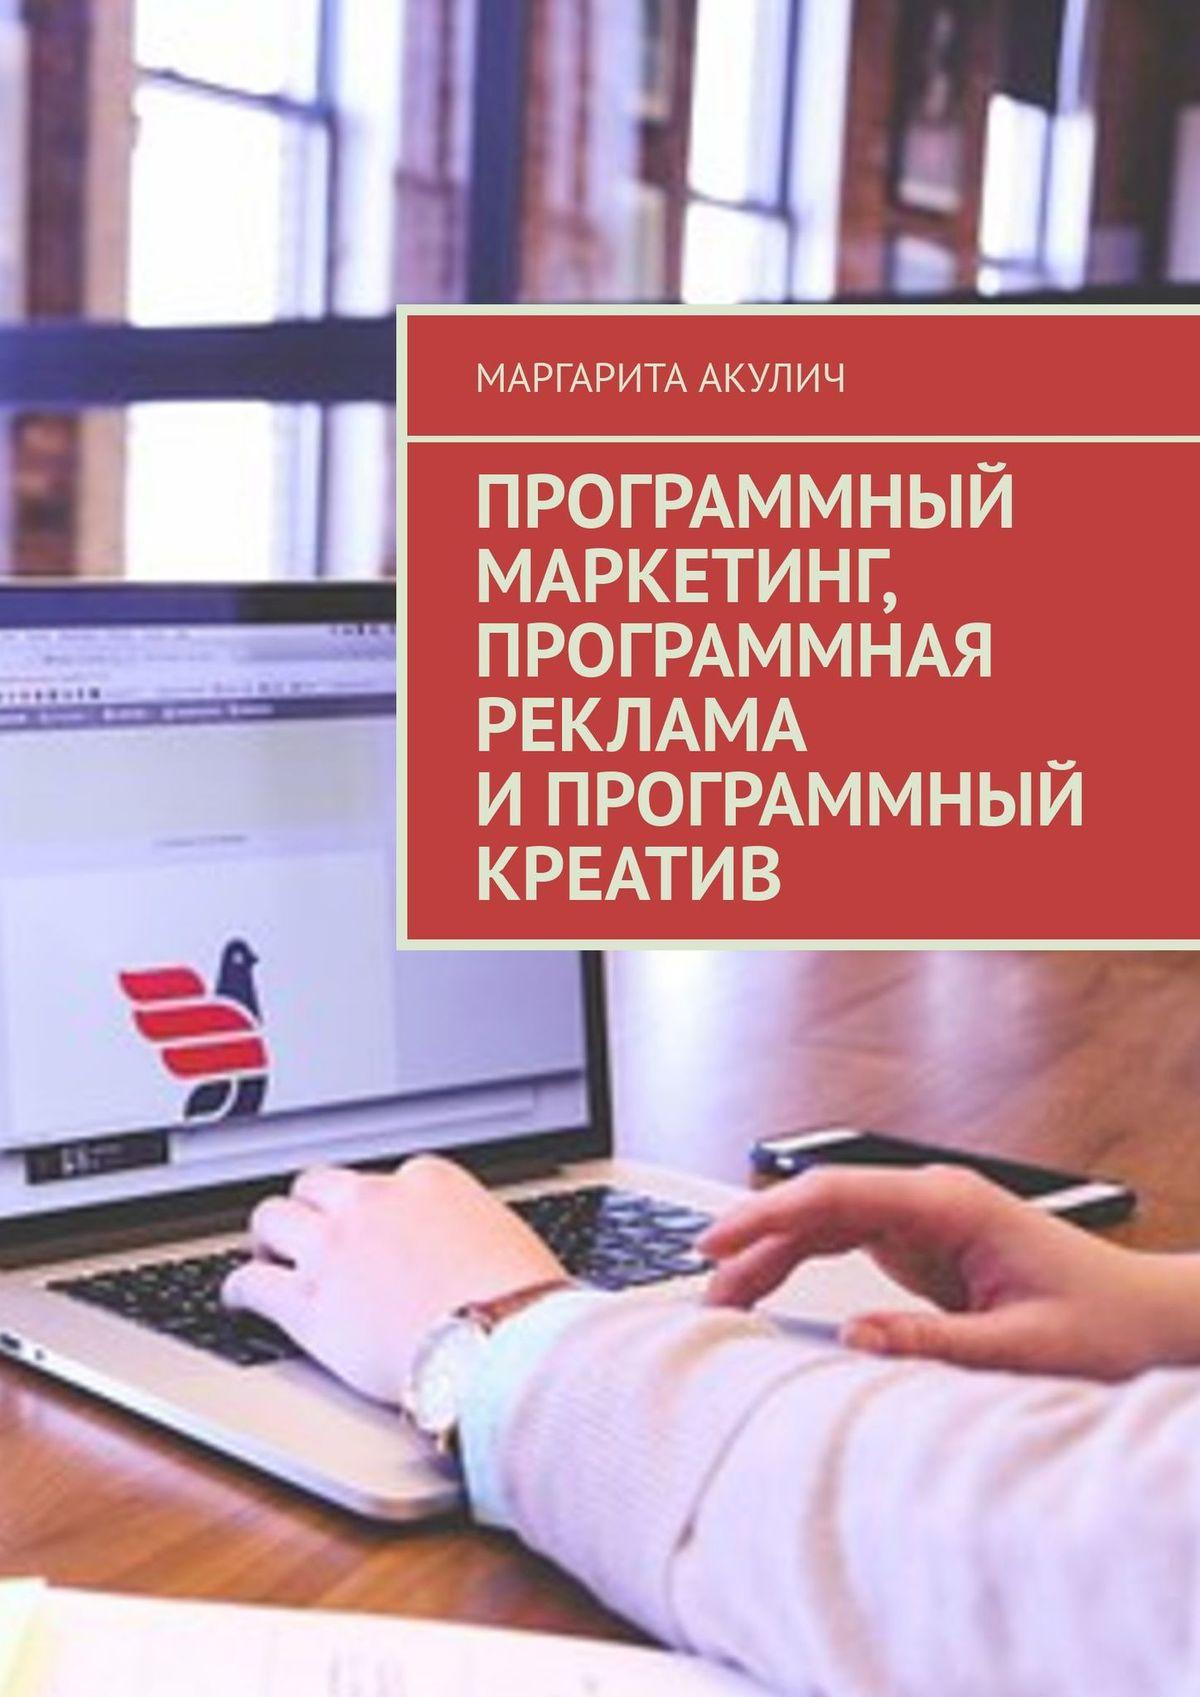 Программный маркетинг, программная реклама ипрограммный креатив